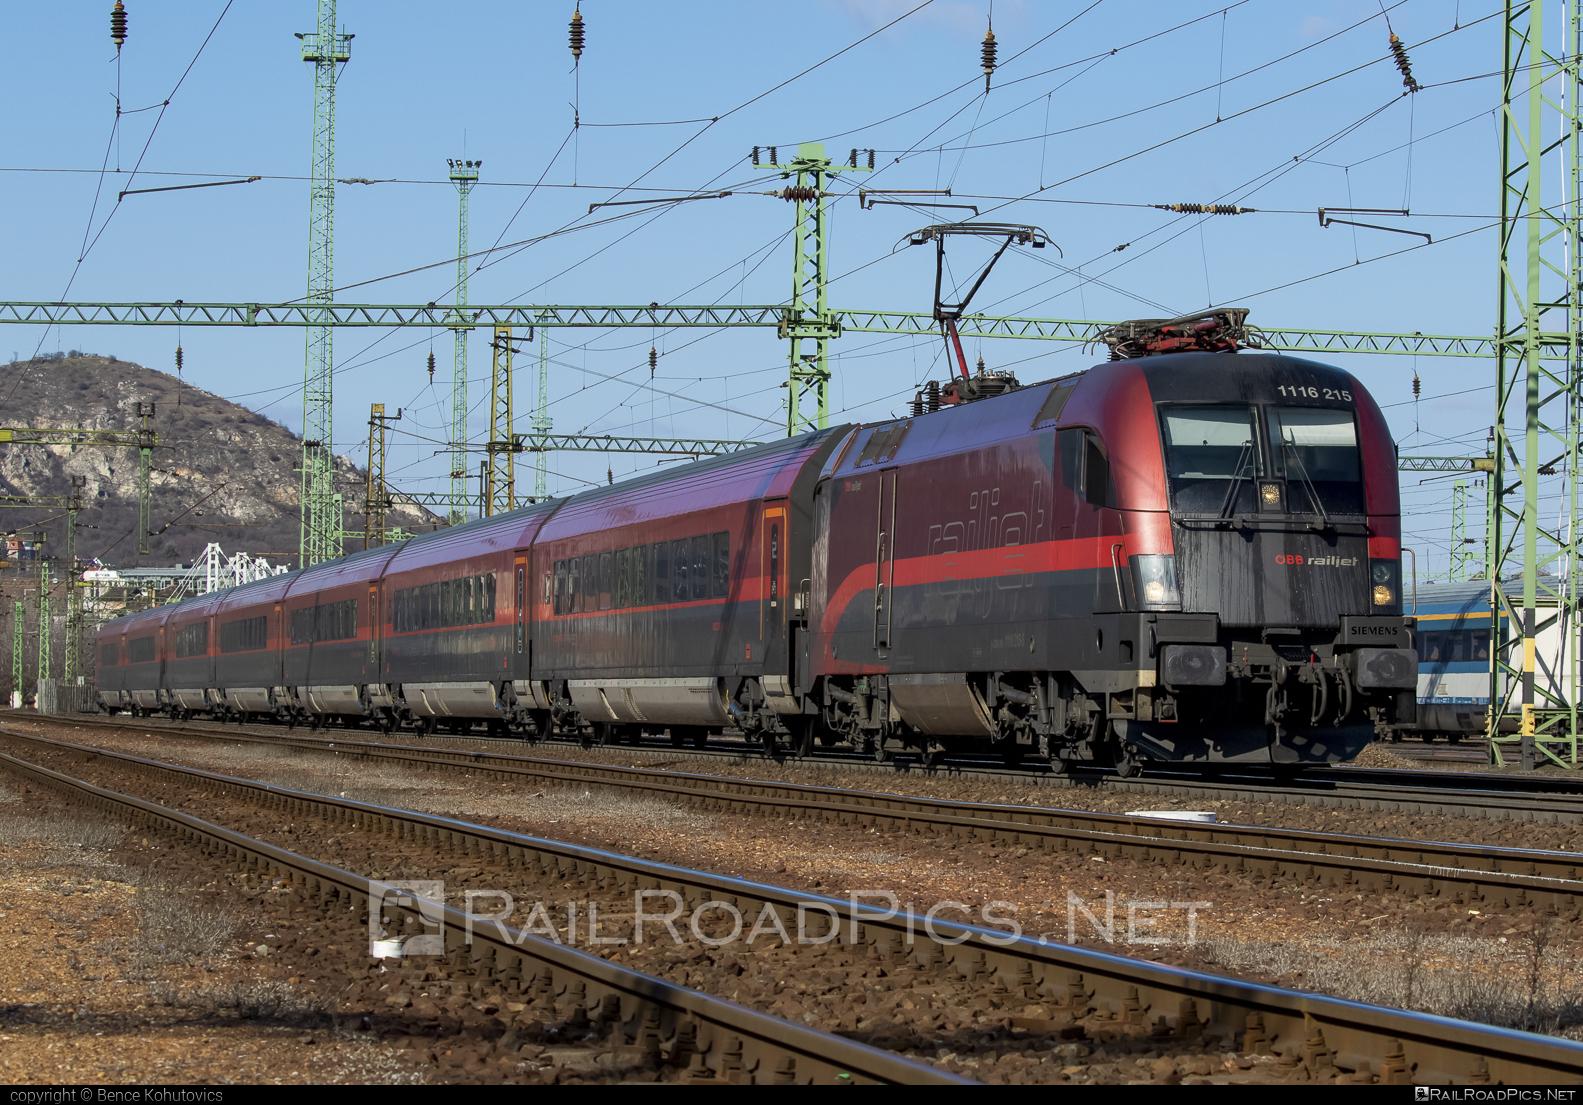 Siemens ES 64 U2 - 1116 215 operated by Österreichische Bundesbahnen #es64 #es64u #es64u2 #eurosprinter #obb #obbrailjet #osterreichischebundesbahnen #railjet #siemens #siemenses64 #siemenses64u #siemenses64u2 #siemenstaurus #taurus #tauruslocomotive